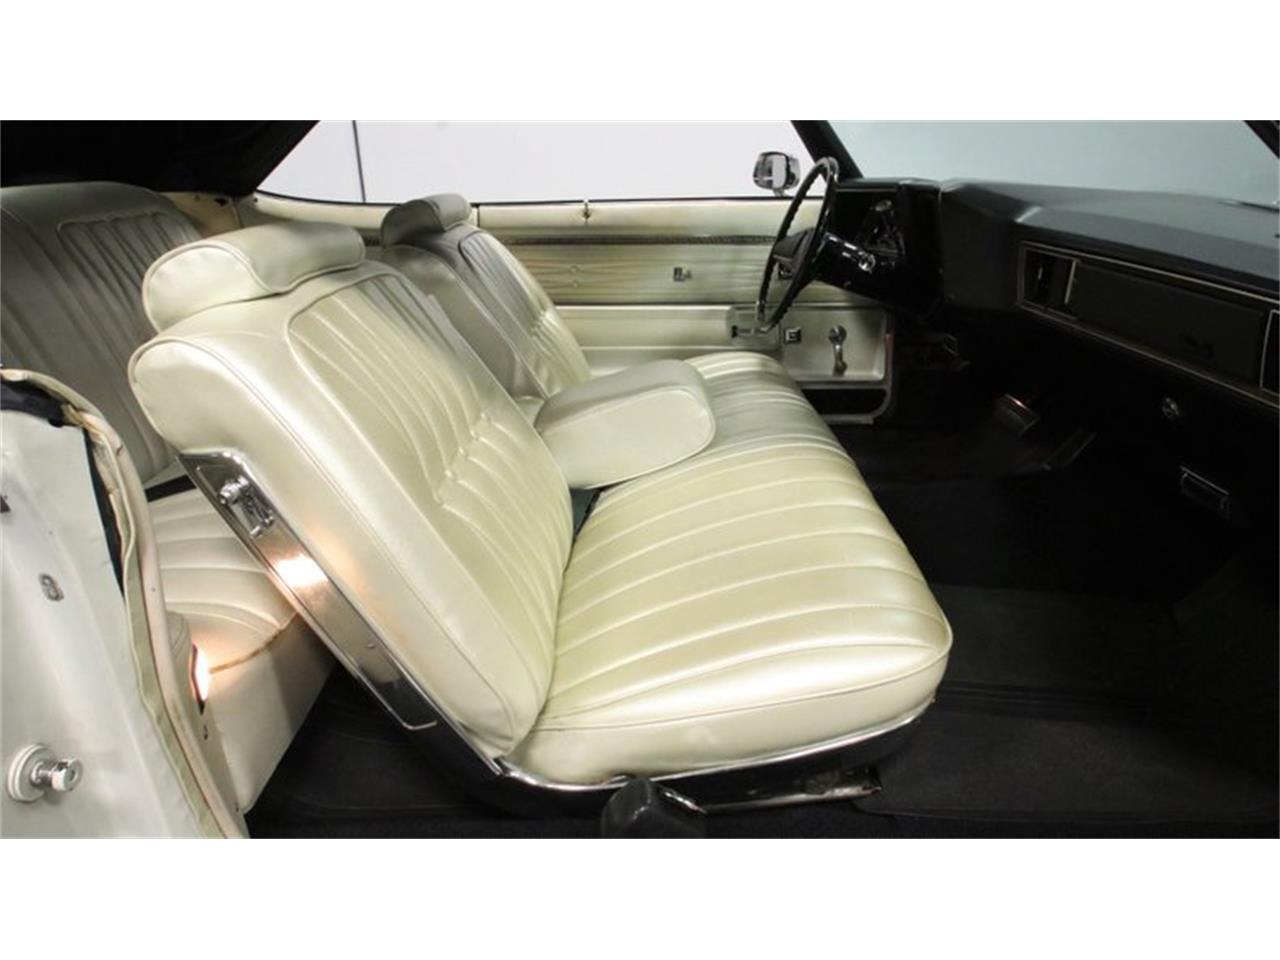 1971 Oldsmobile Delta 88 (CC-1421005) for sale in Lithia Springs, Georgia